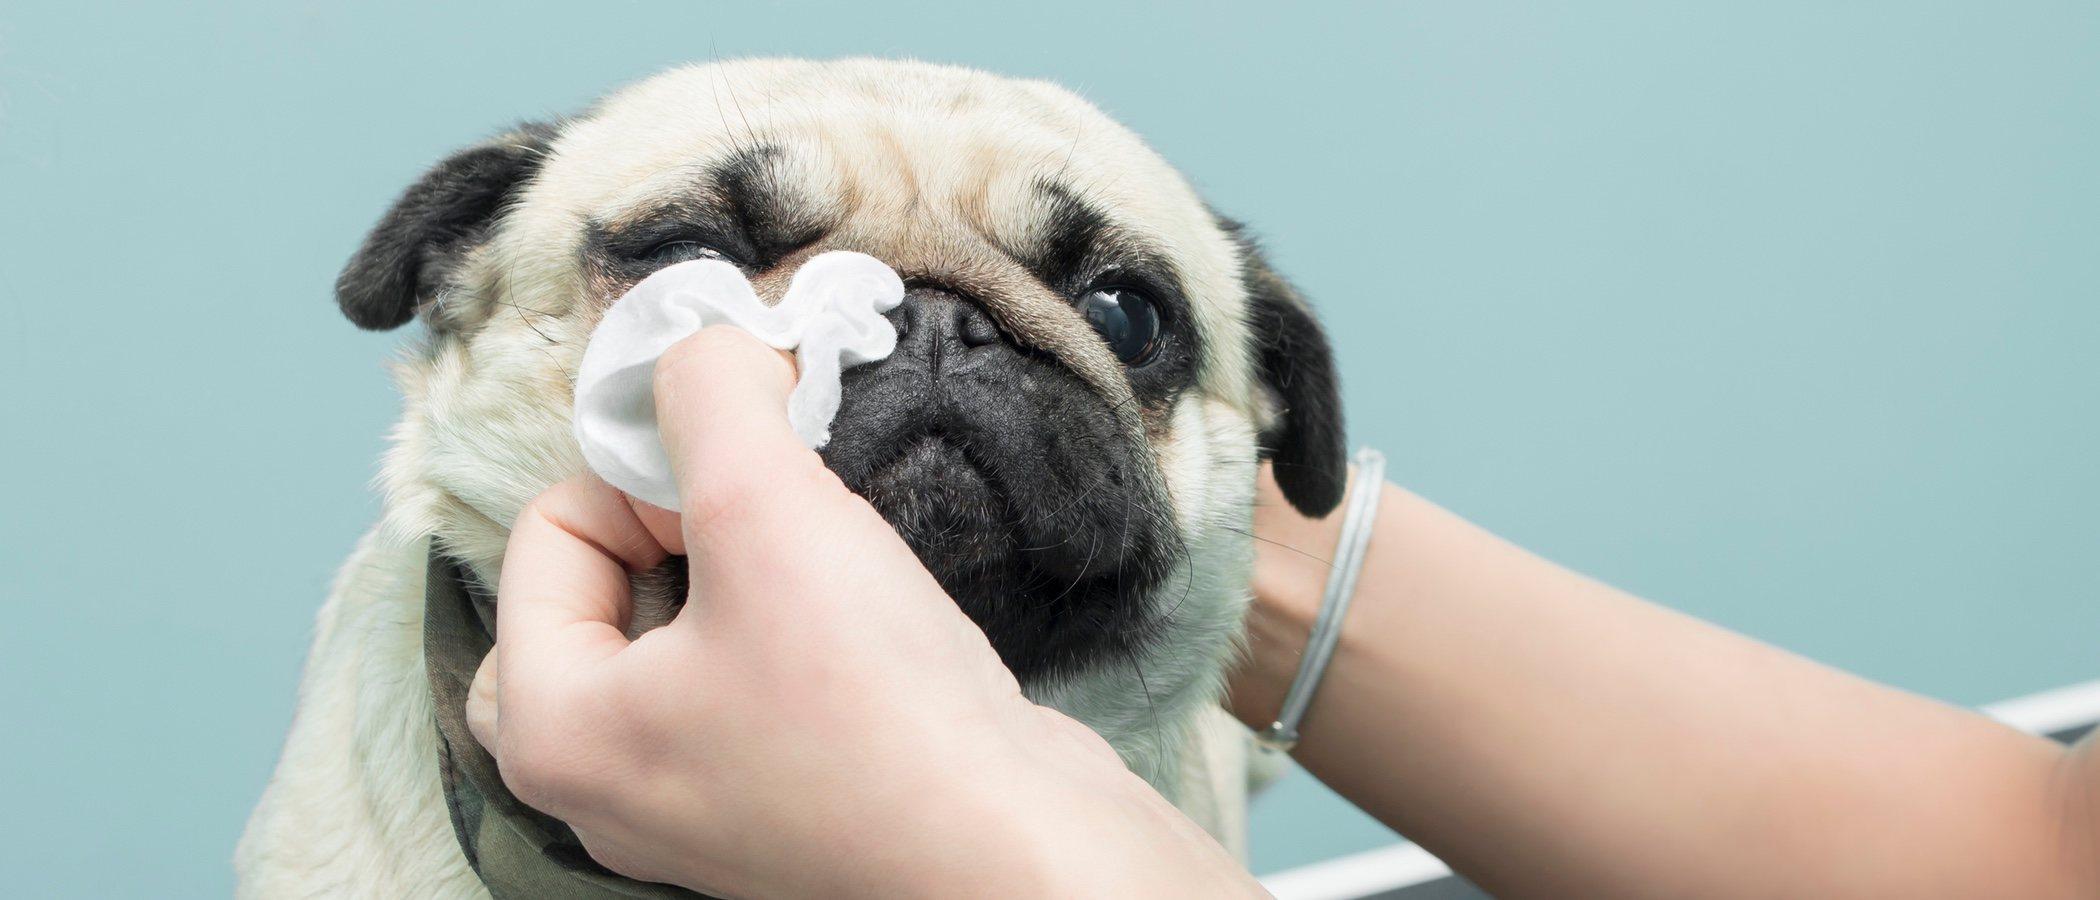 Cómo eliminar las manchas del lagrimal de tu perro